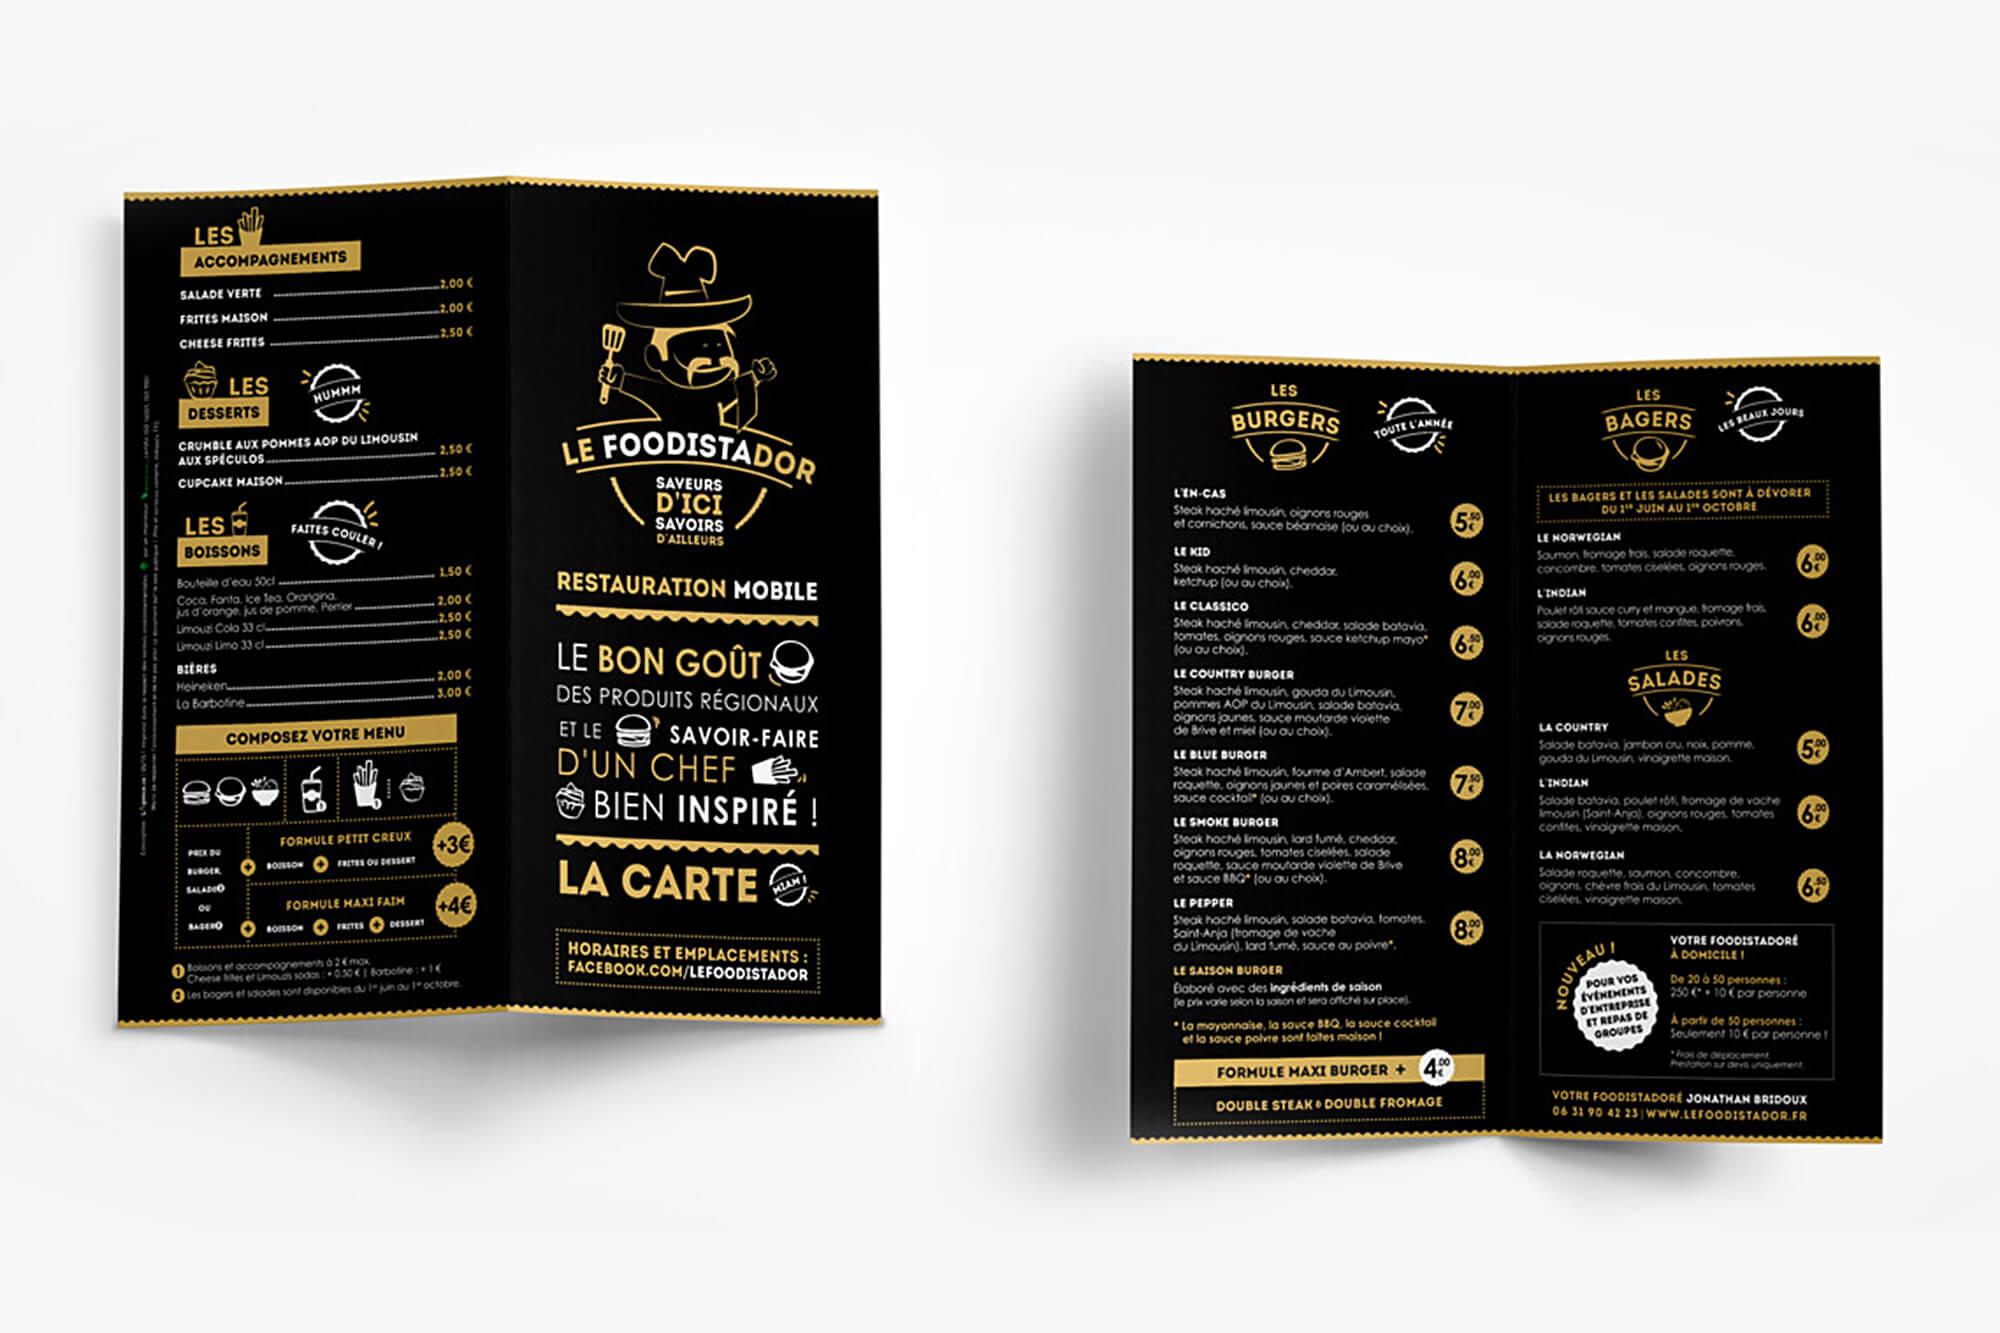 FOODISTADOR menu flyer